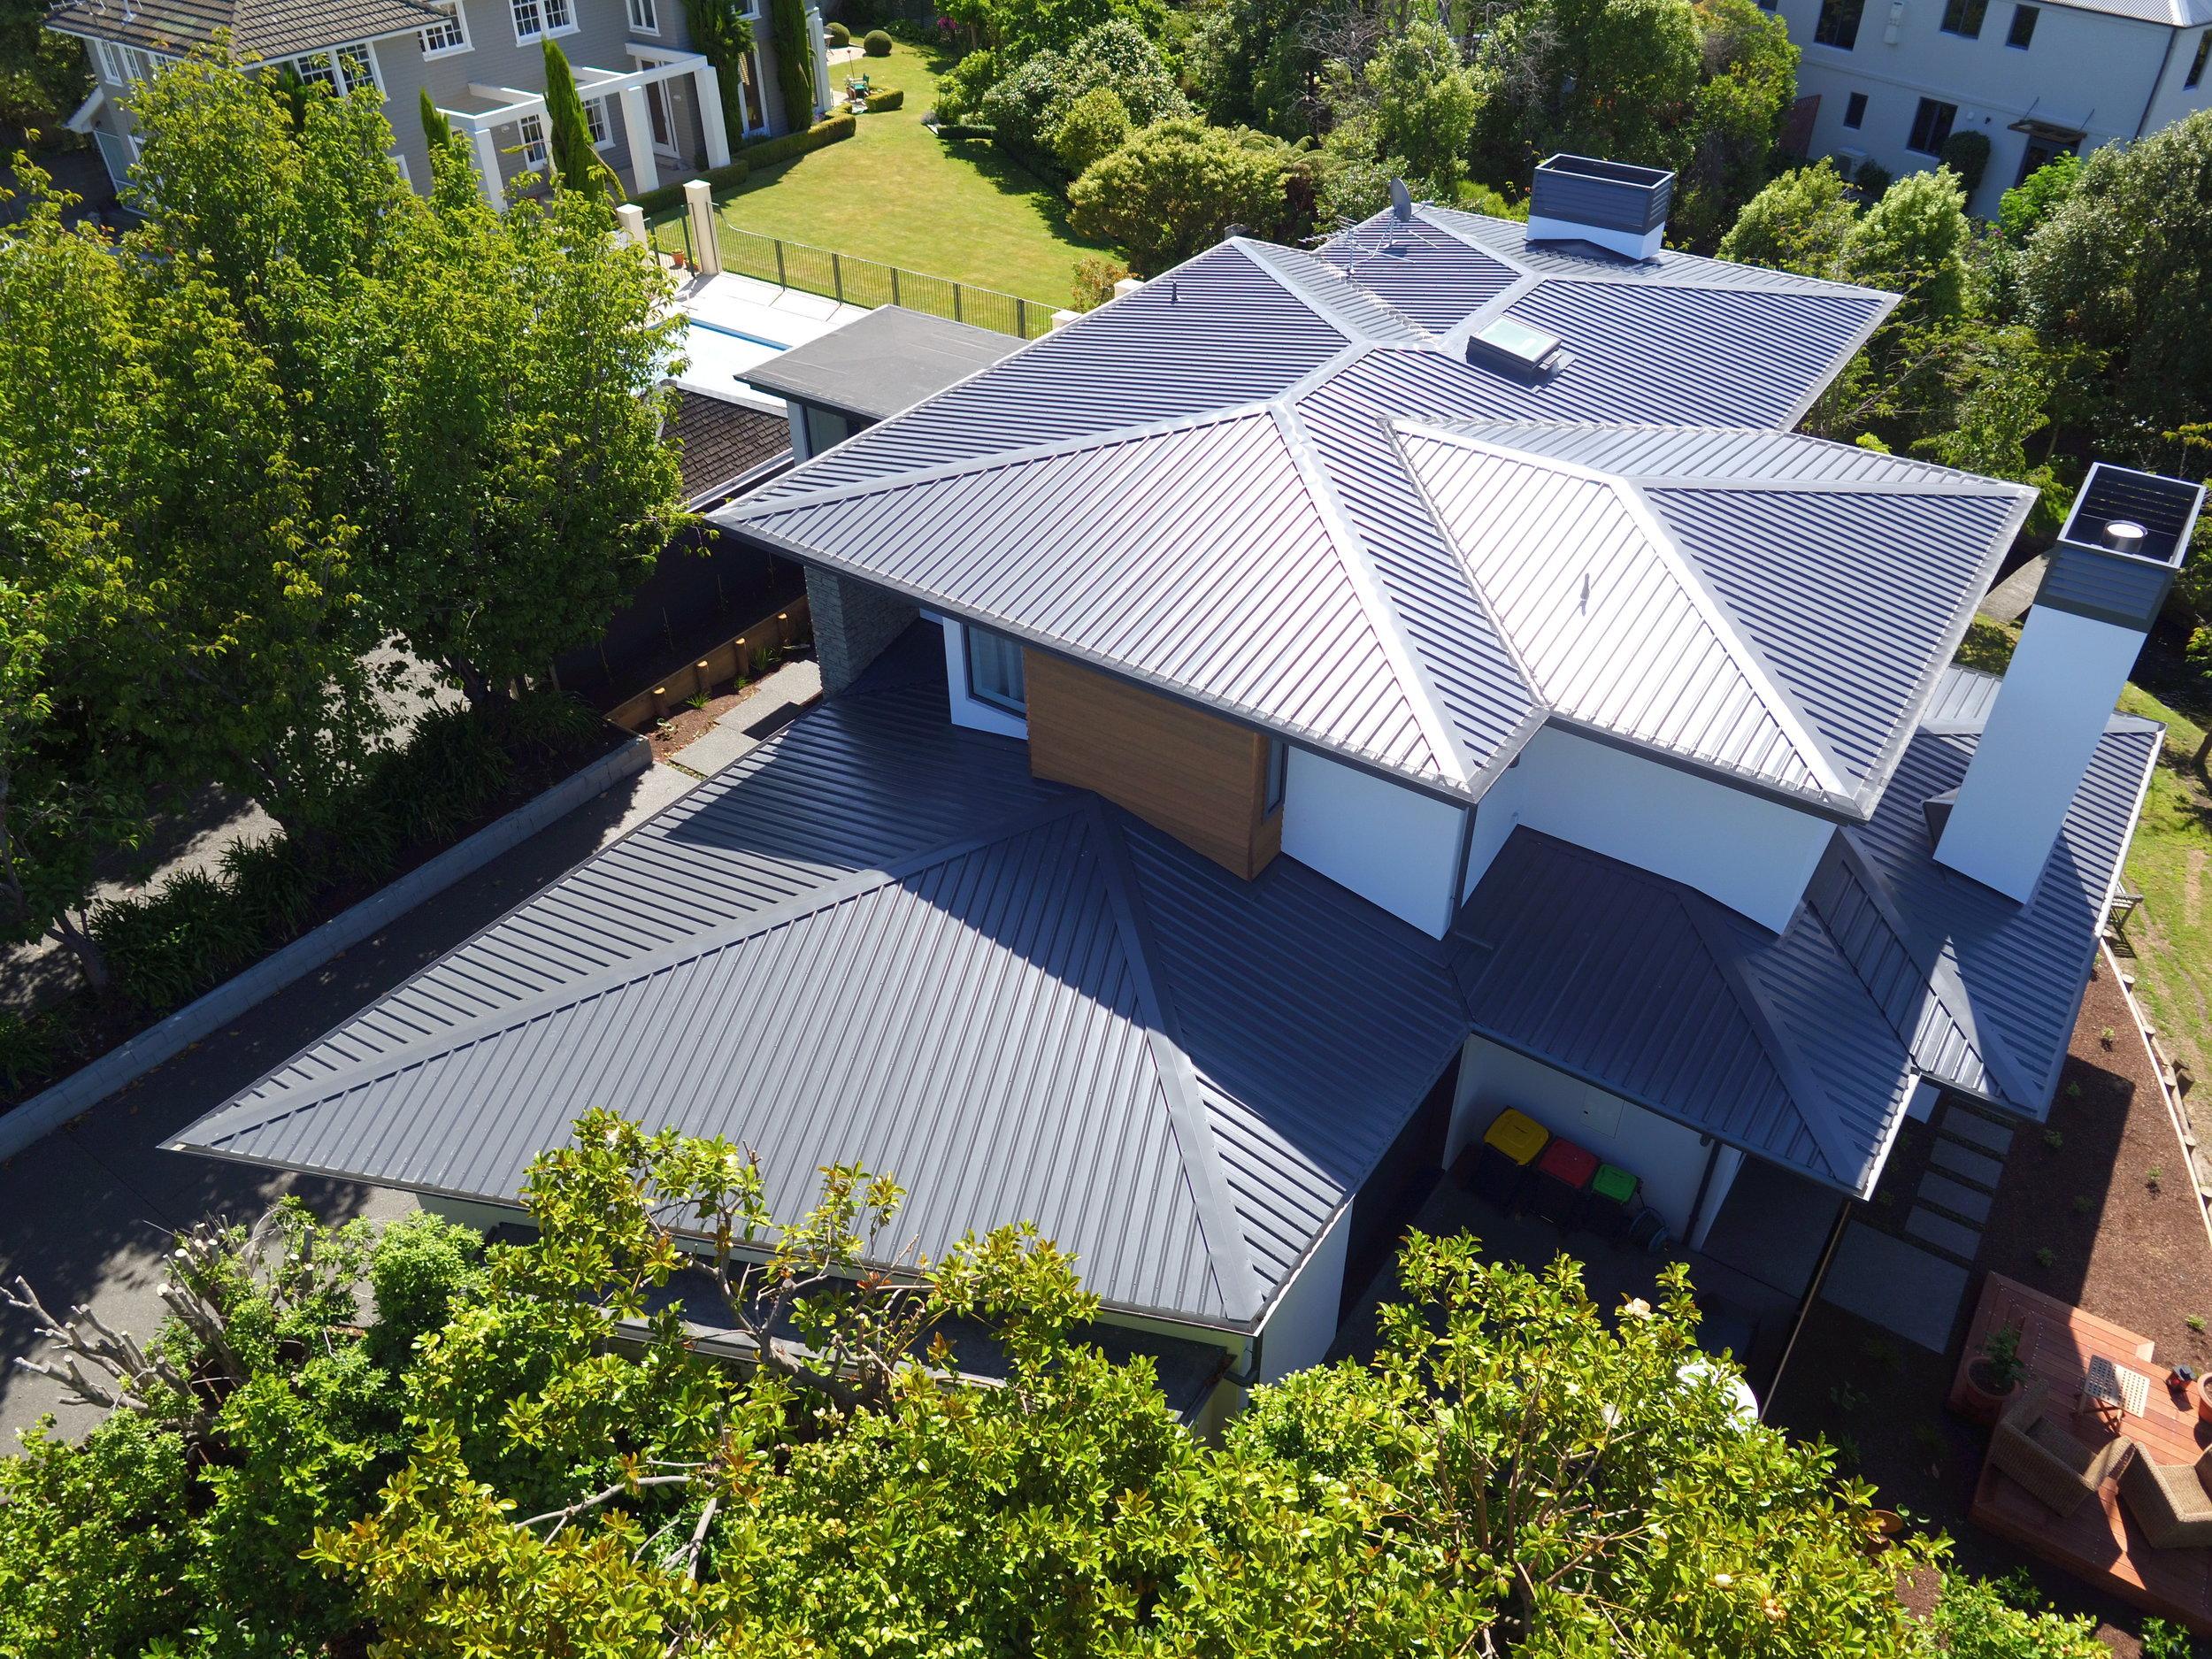 The-Roofing-Store-Steel-Metal-TRS-5-Grey-Fraiars-2.jpg.jpg